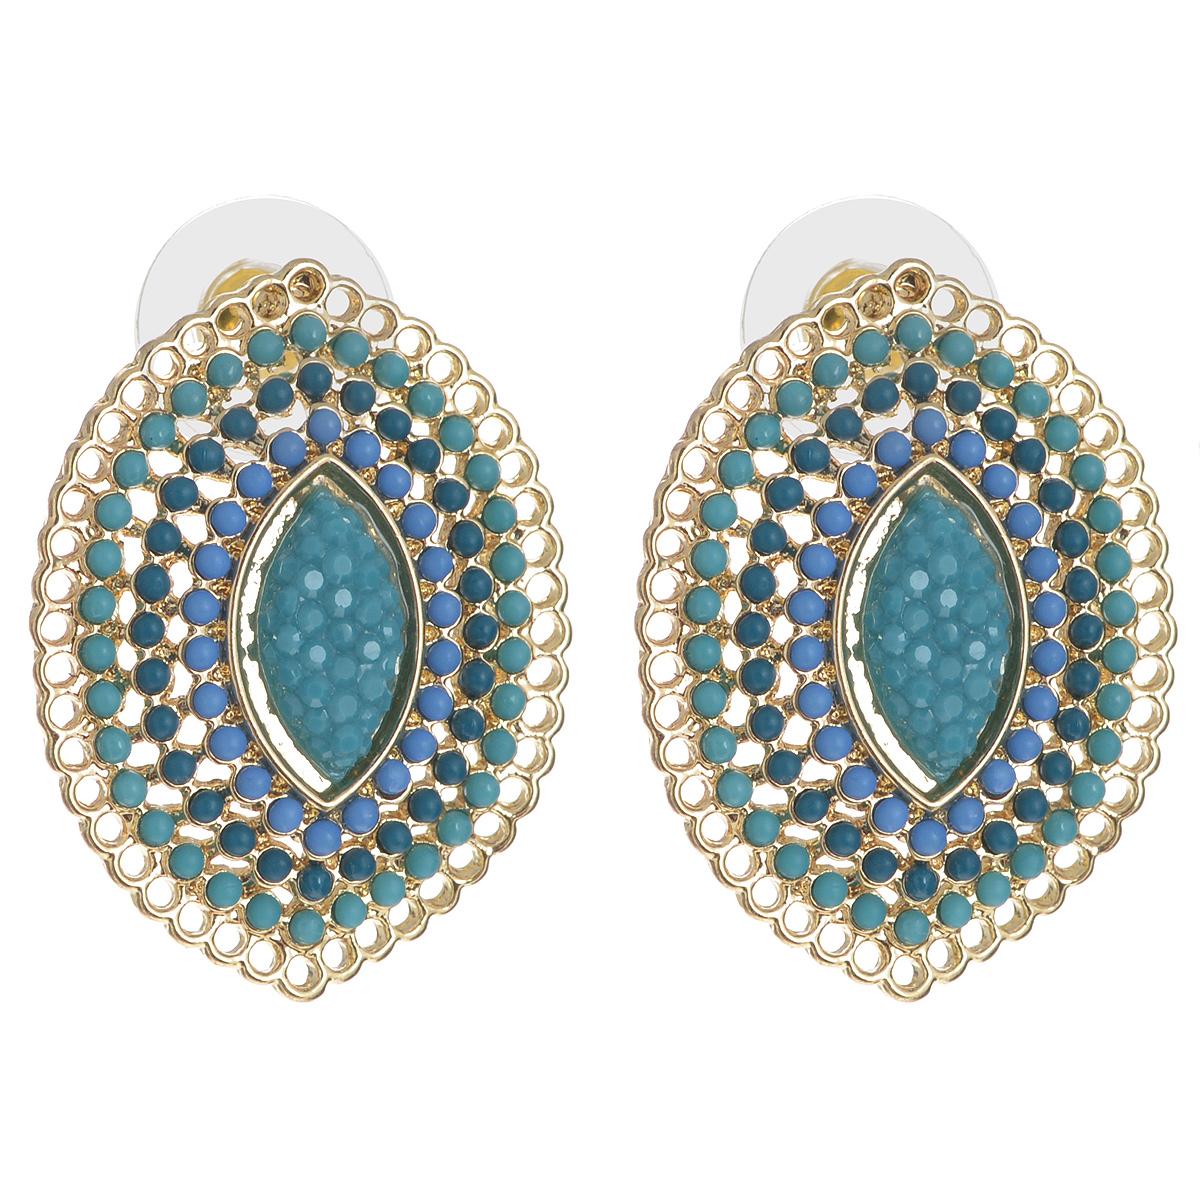 Серьги AtStyle247, цвет: зеленый, золотой, голубой. T-B-8370-EARR-GL.TURQT-B-8370-EARR-GL.TURQСтильные серьги AtStyle247 изготовлены из металлического сплава (медь, цинк, железо) золотистого цвета. Модель оформлена множеством бусин зеленого и голубого цветов, а также крупным декоративным элементом из пластика посередине. Серьги застегиваются на замок-гвоздик и дополнительно на пластиковые заглушки. Это украшение позволит вам с легкостью воплотить самую смелую фантазию и создать собственный неповторимый образ. Красивые и необычные серьги блестяще подчеркнут ваш изысканный вкус и помогут внести разнообразие в привычный образ.